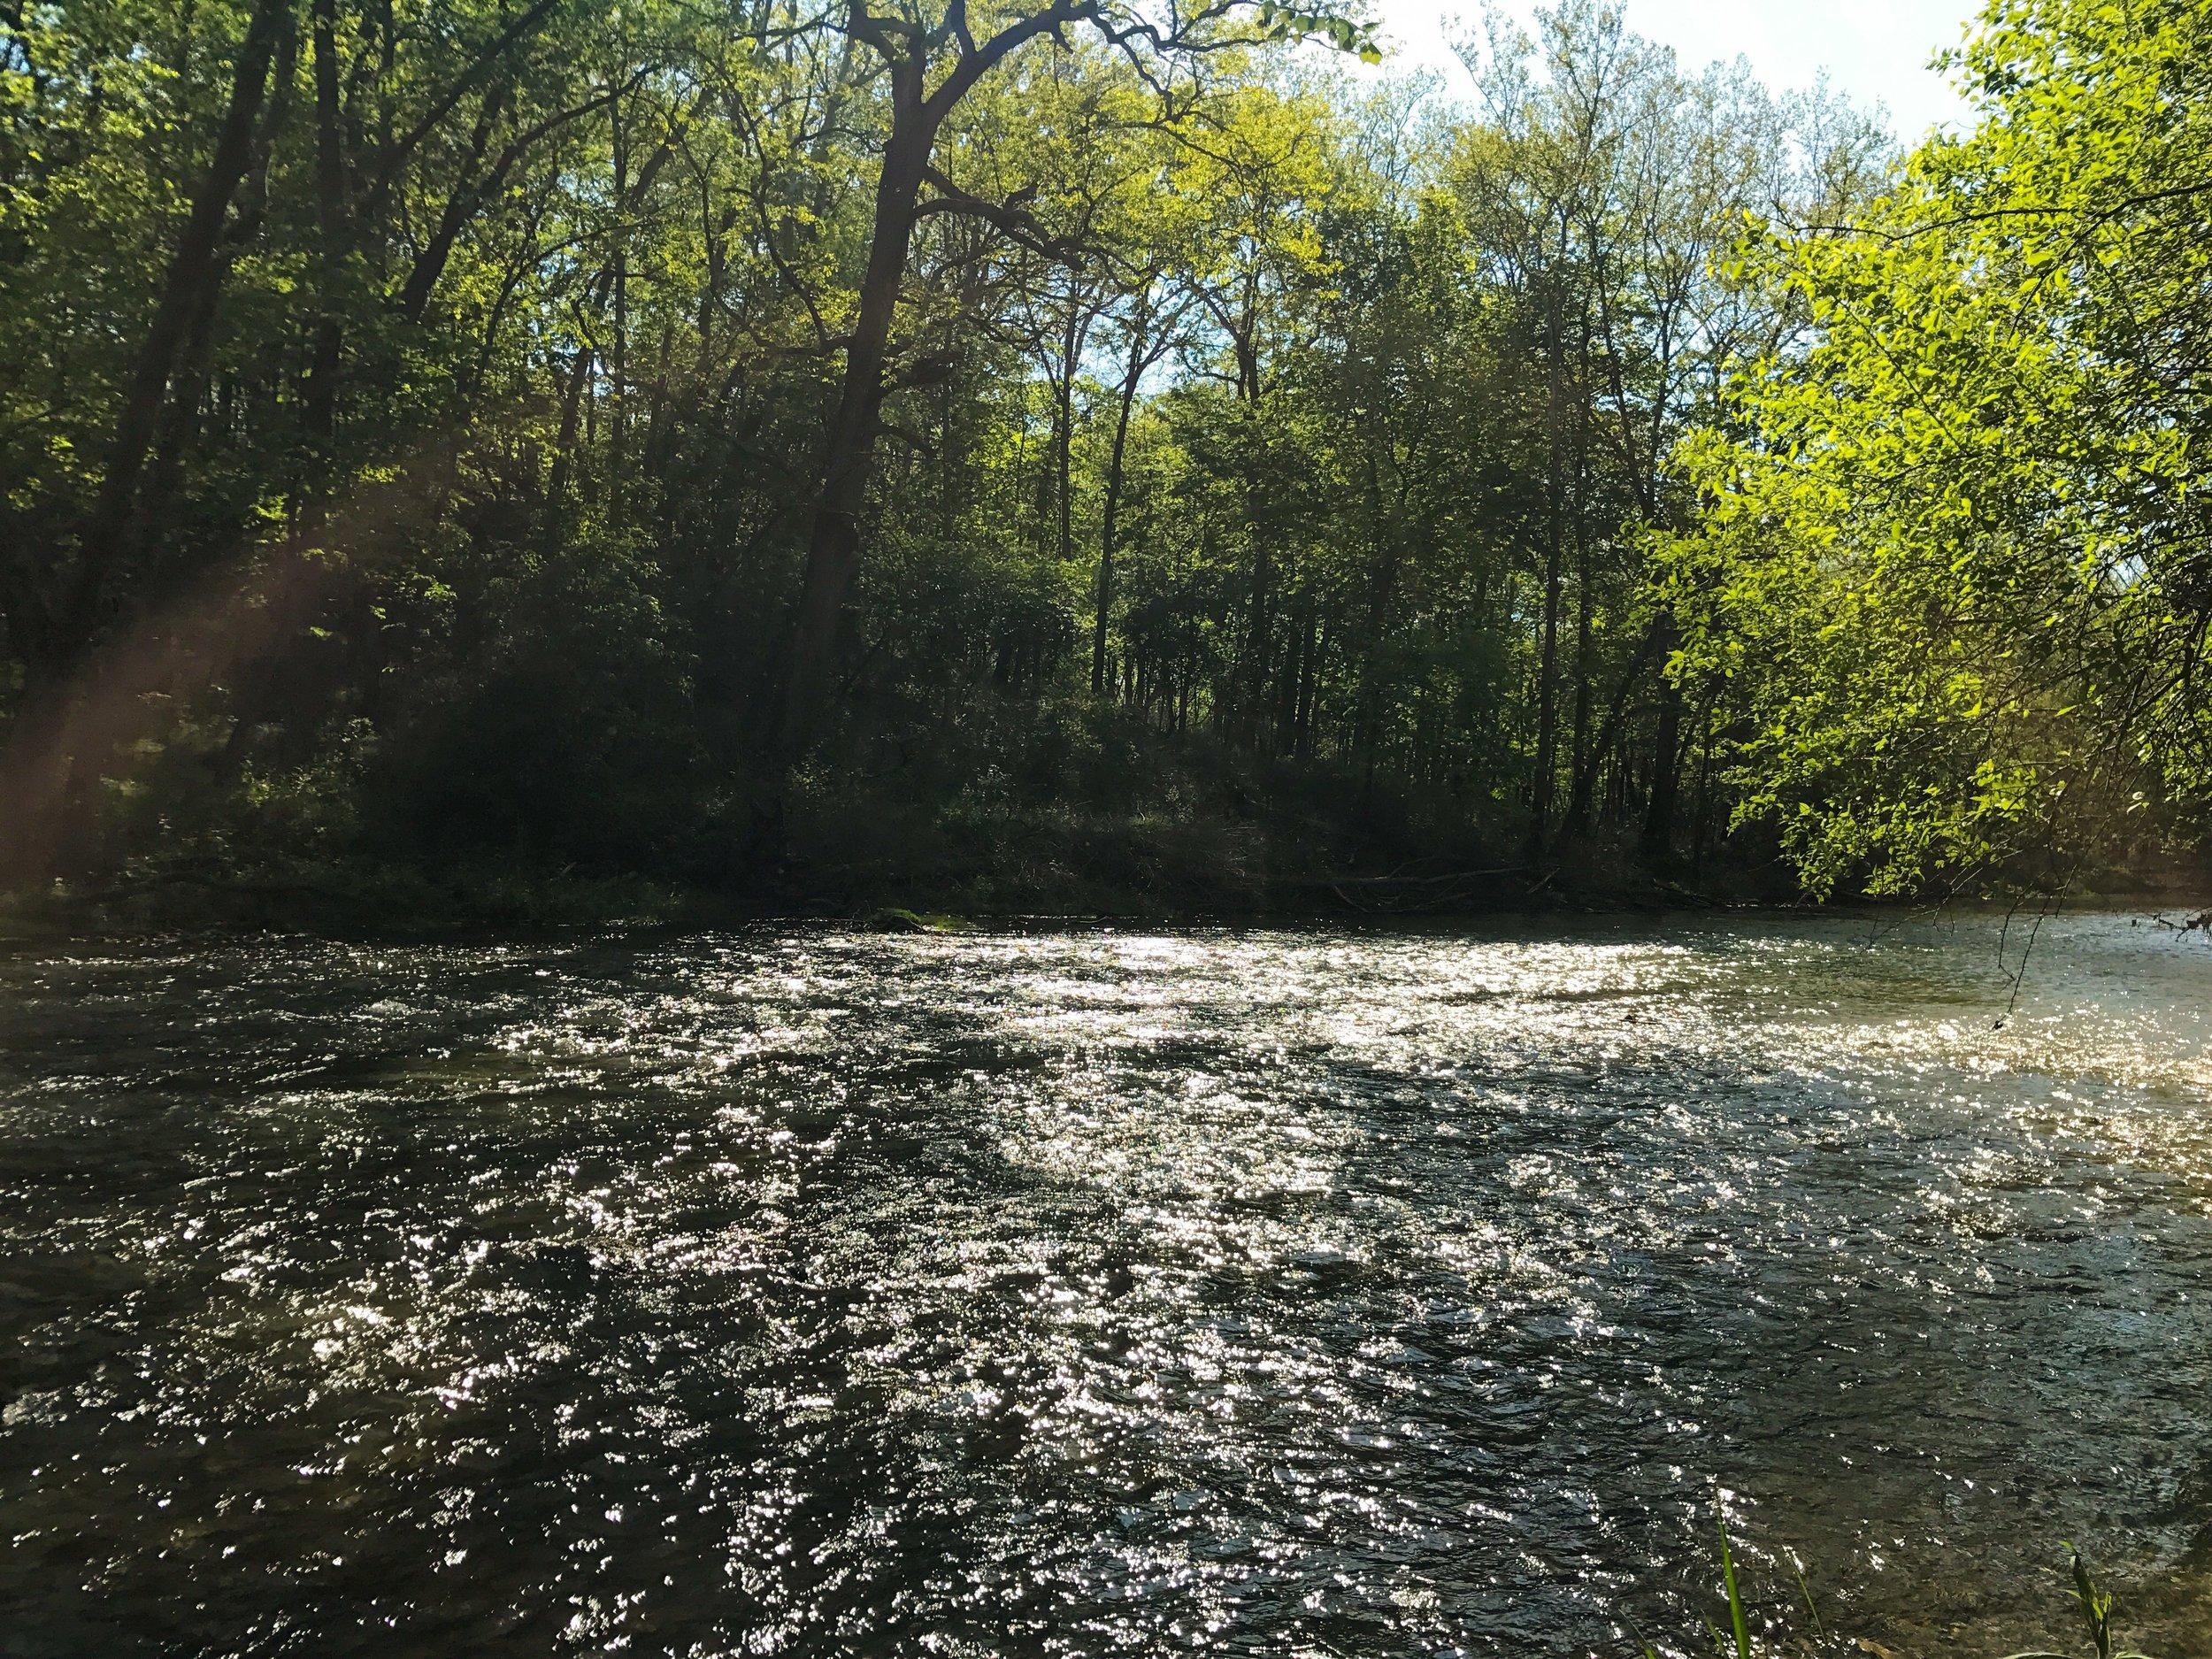 Beautiful river in John Bryan State Park